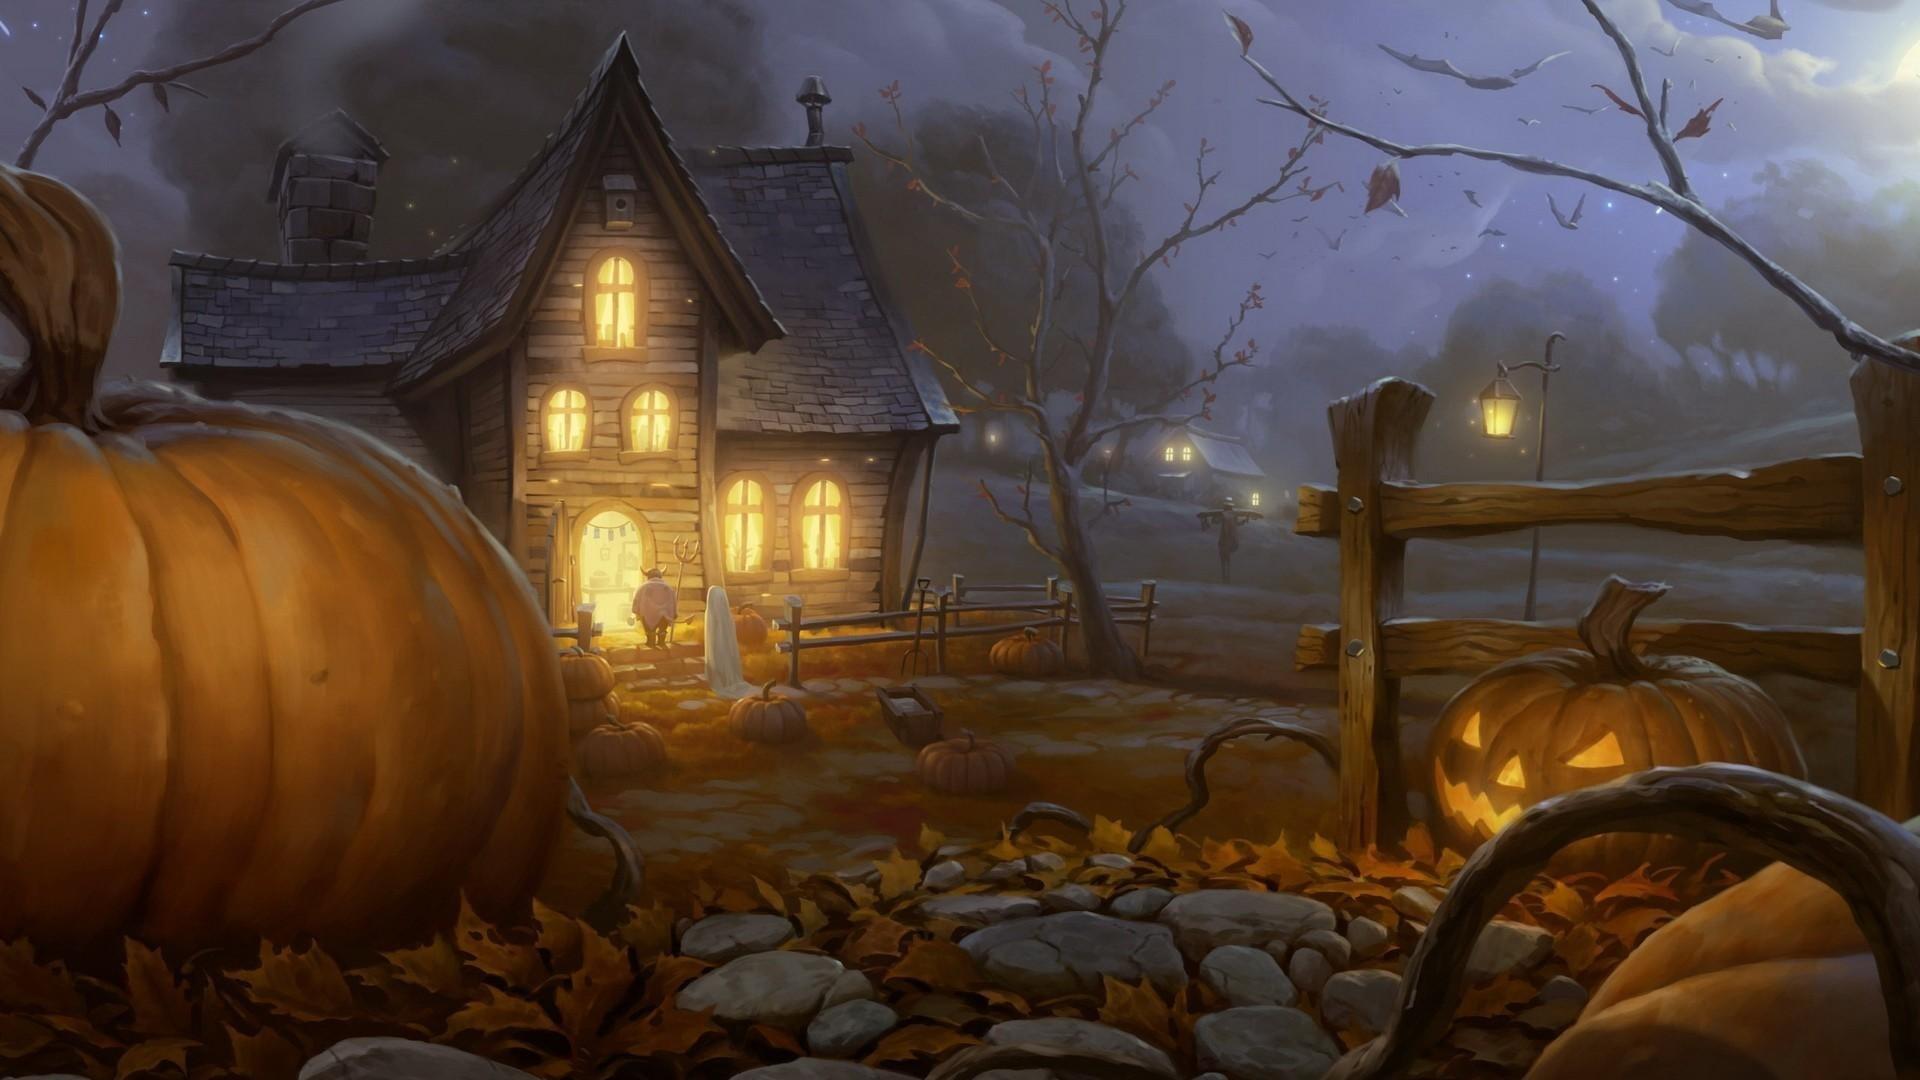 Preview wallpaper halloween, holiday, night, home, light, pumpkin, lantern  jack